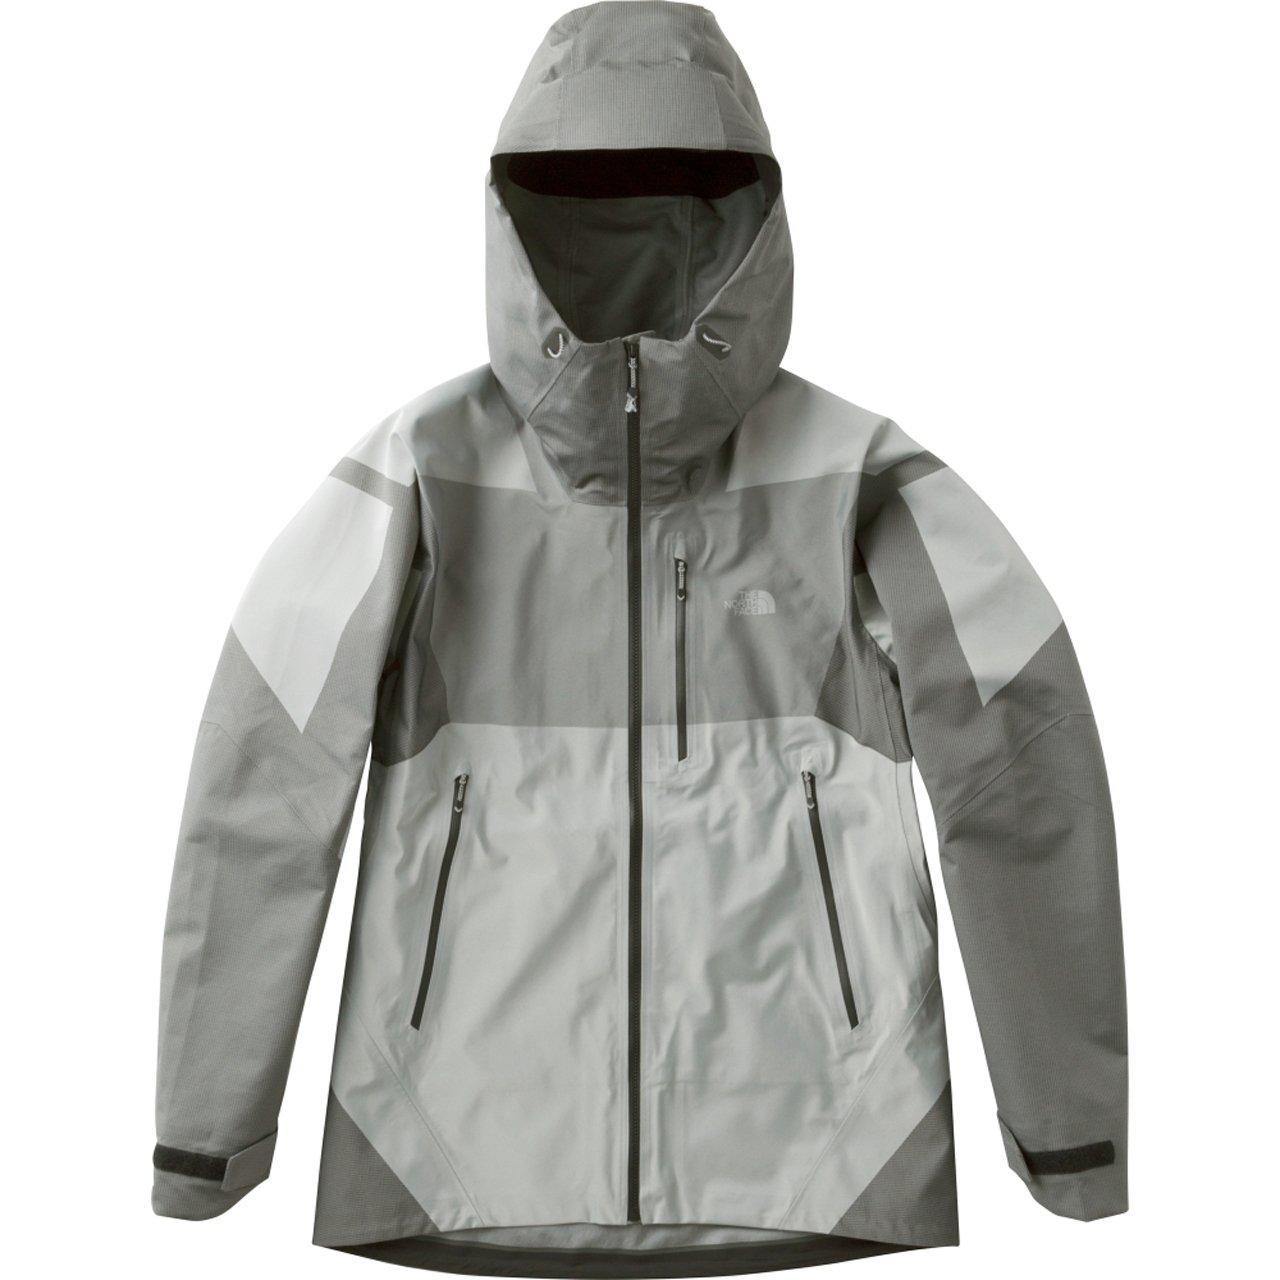 ザノースフェイス(THE NORTH FACE) L5ジャケット(L5 JACKET) NP51565 B01M30UJW7 Medium|KA ブラック×アスファルトグレー KA ブラック×アスファルトグレー Medium